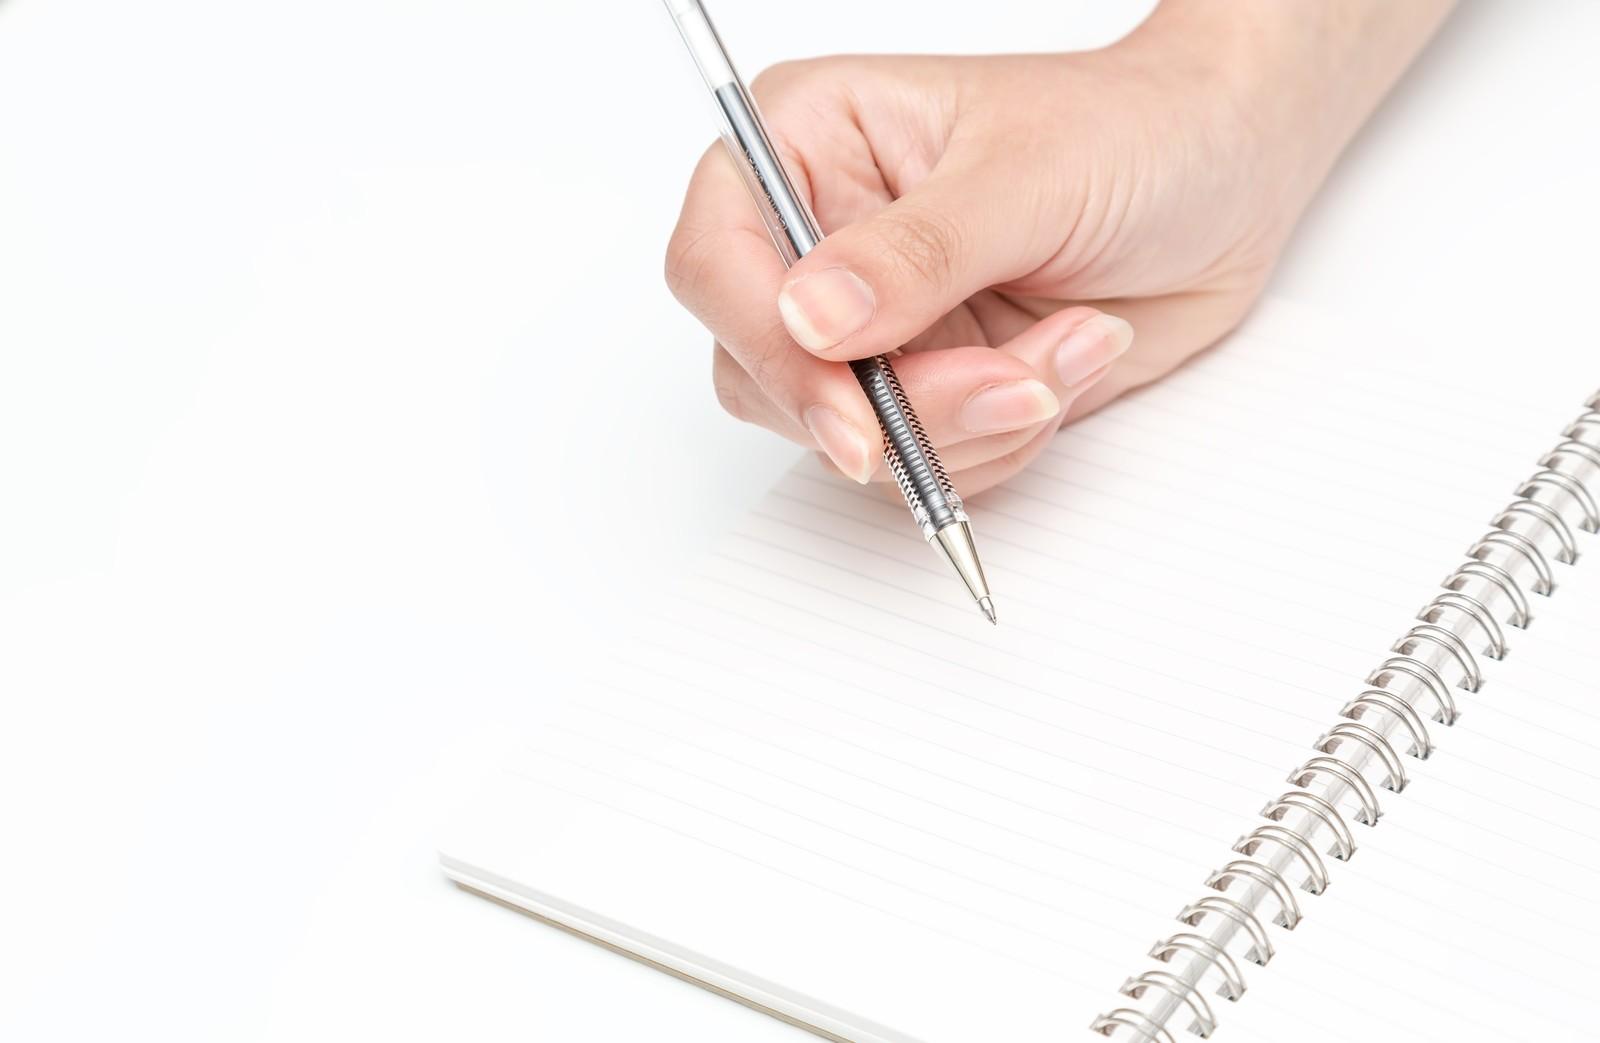 労働条件、ちゃんと雇用契約書で確認してますか?入社する前にちゃんと見ておいて!